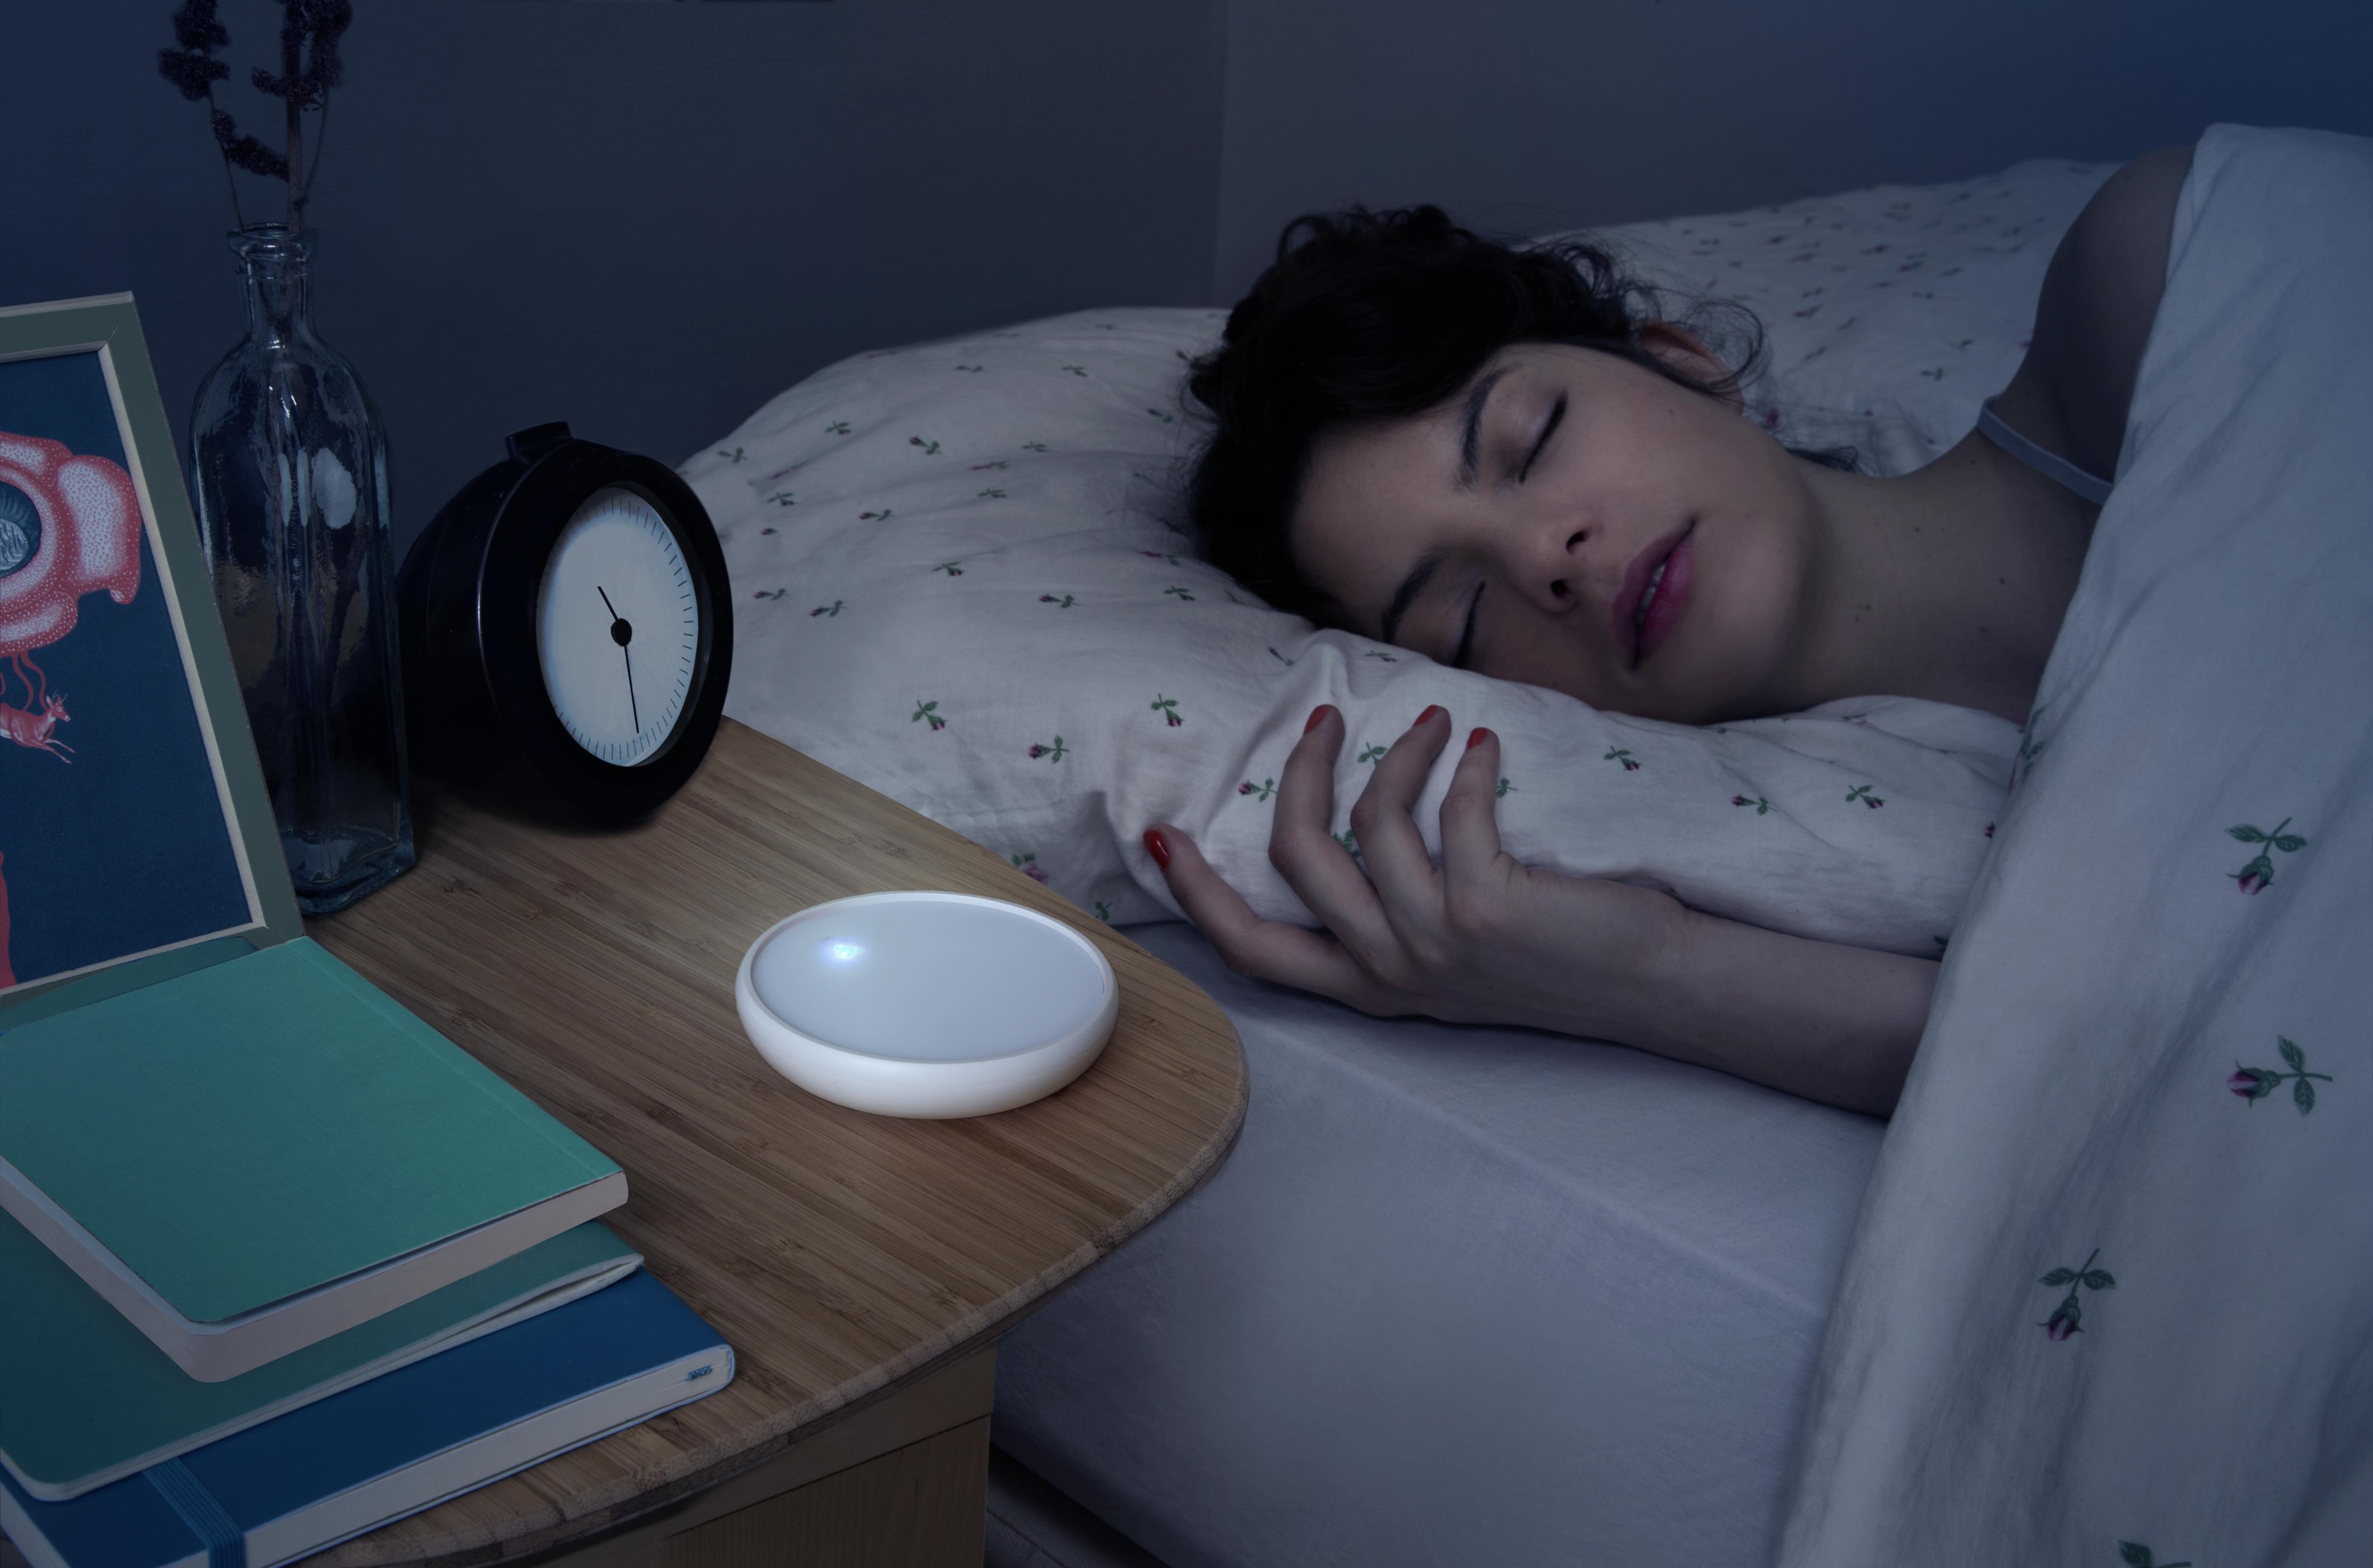 Assistant de sommeil Dodow